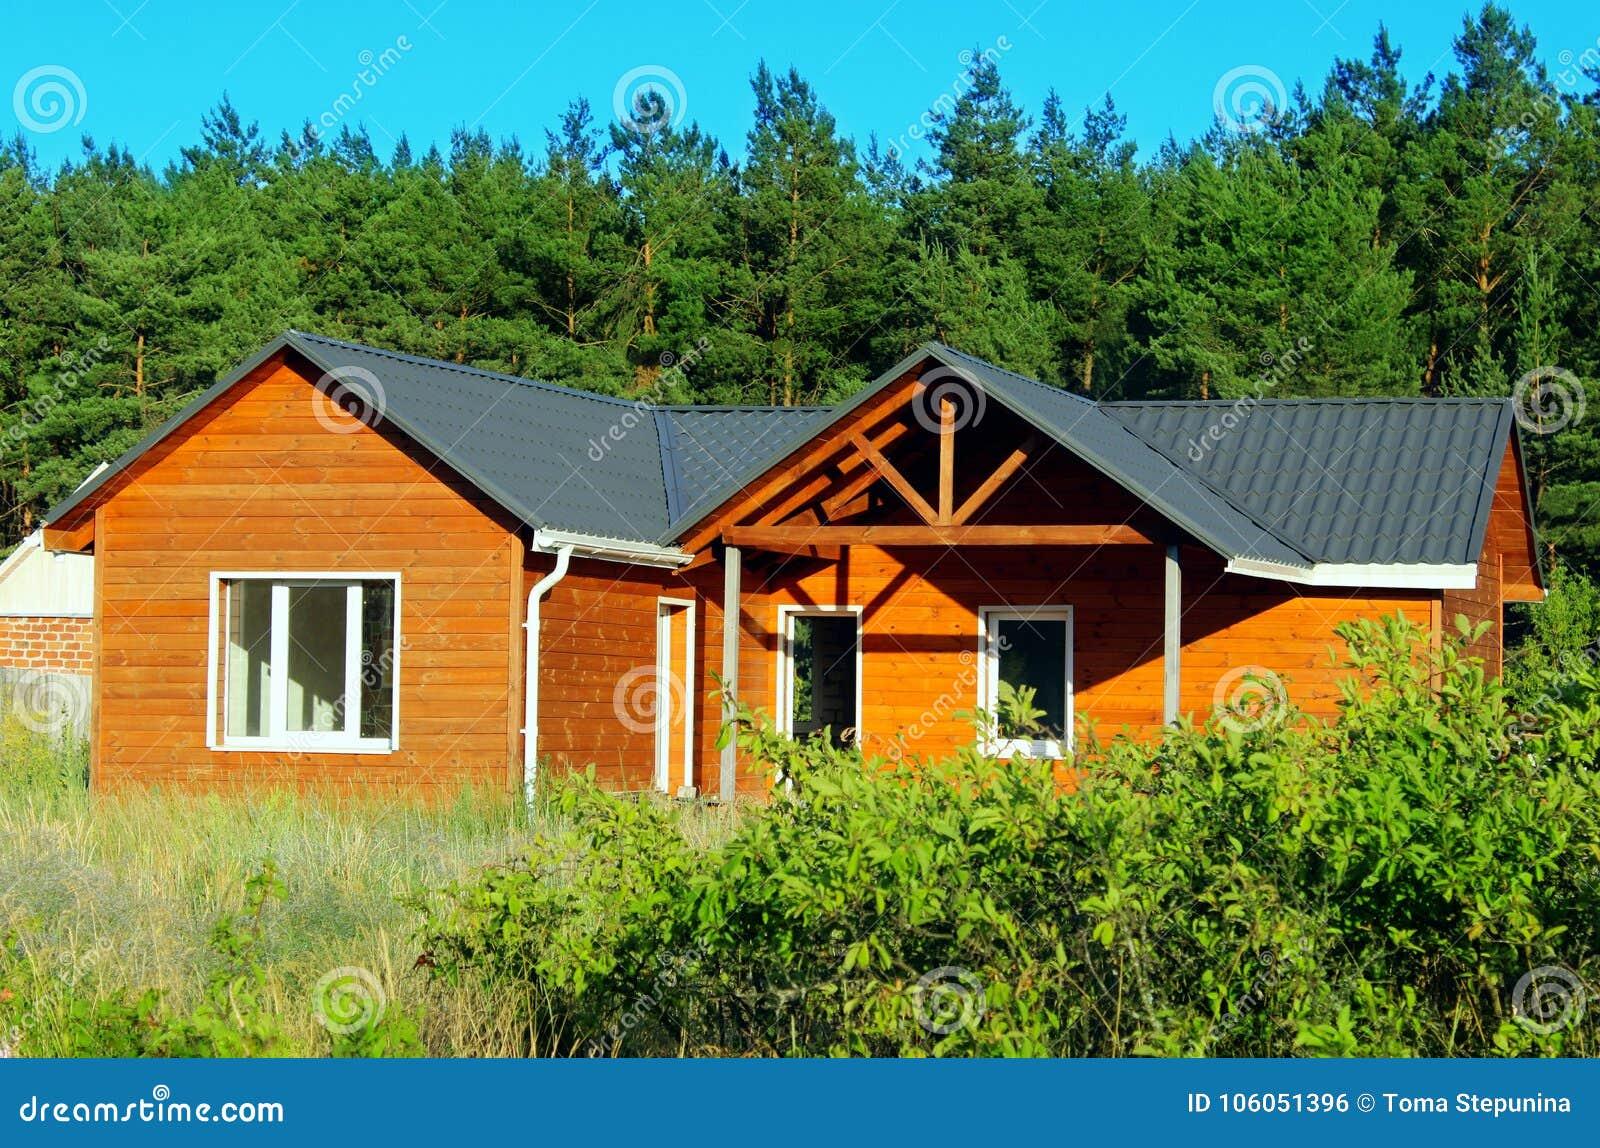 Pequeña casa de madera foto de archivo. Imagen de nadie - 106051396